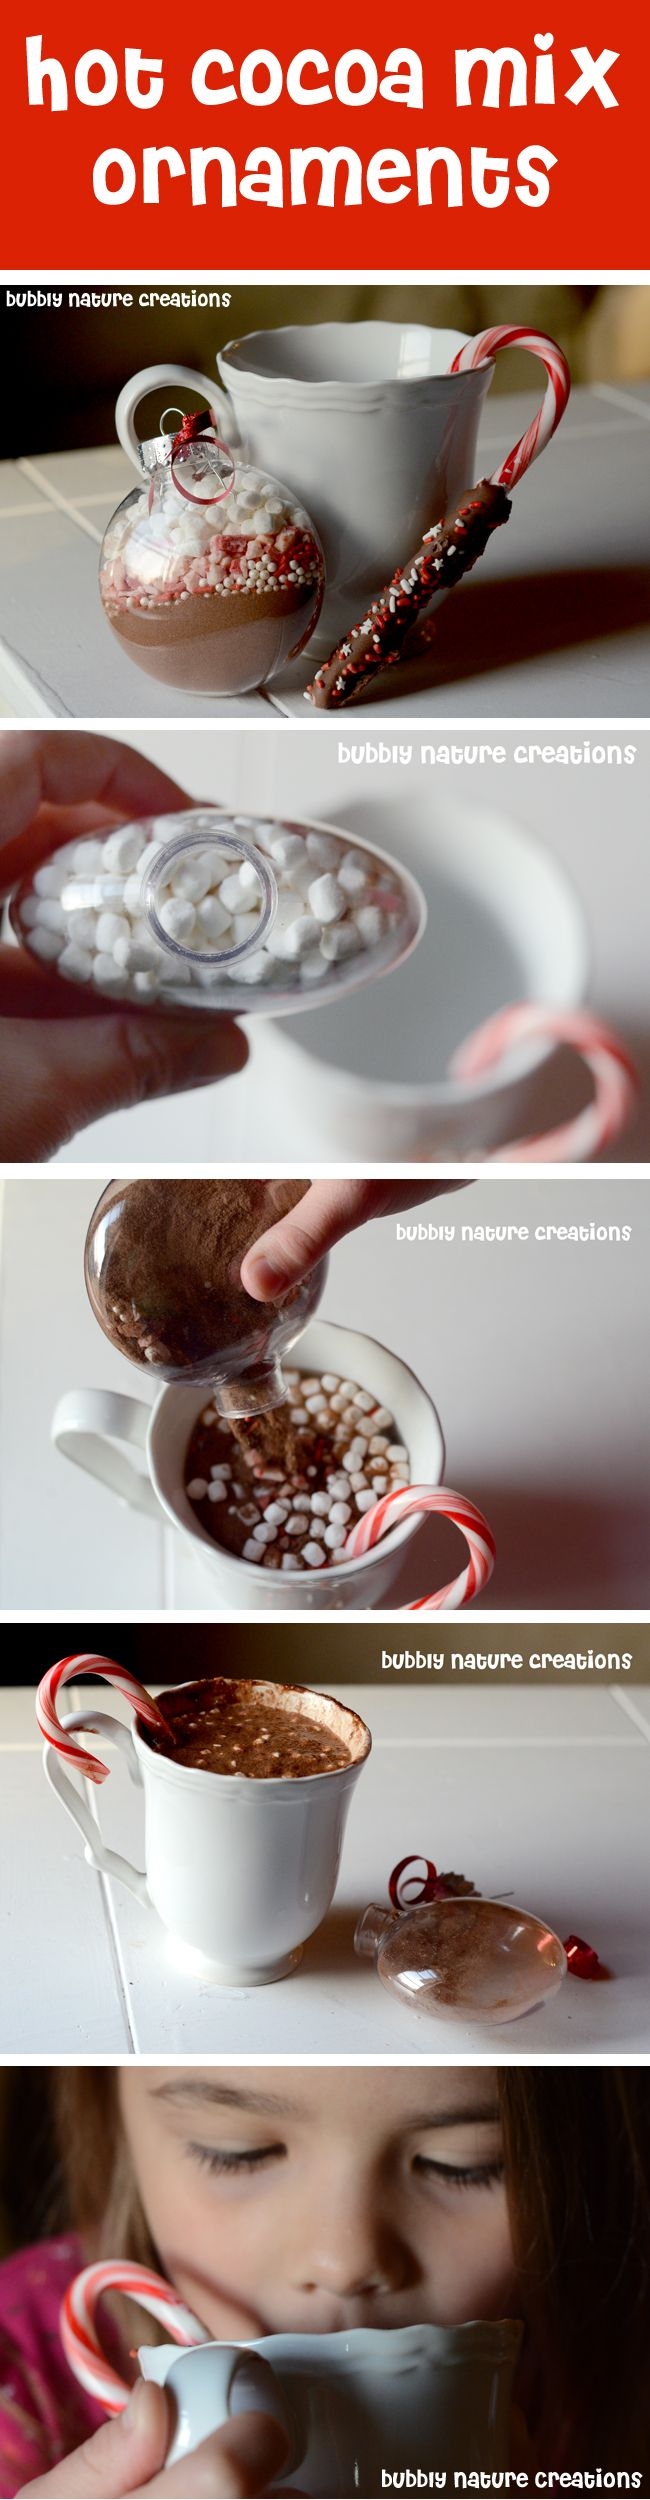 Hot Cocoa Mix Ornaments